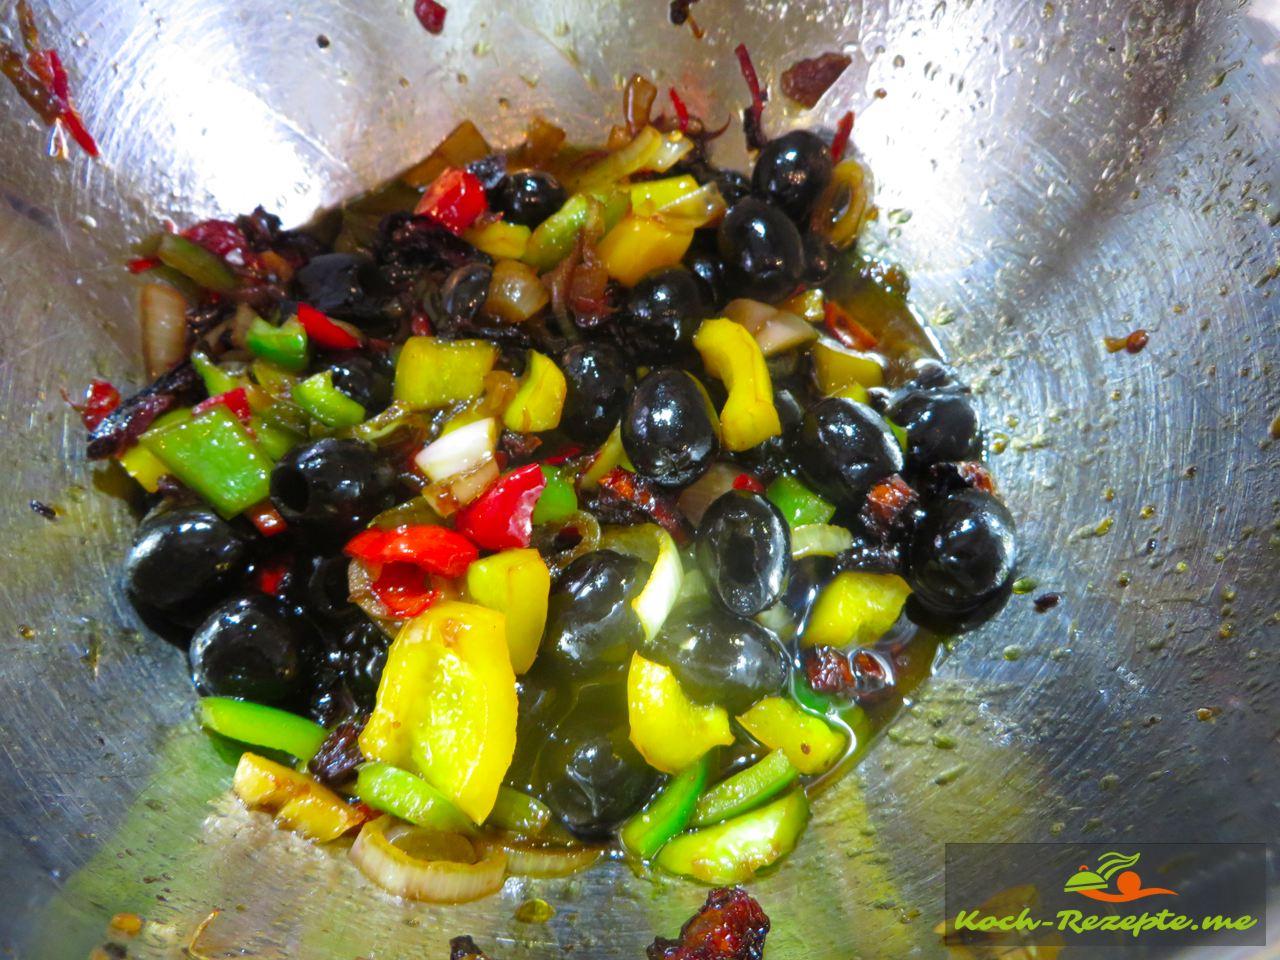 Zutaten in der Marinade umrühren  für einen Brotsalat Rezept